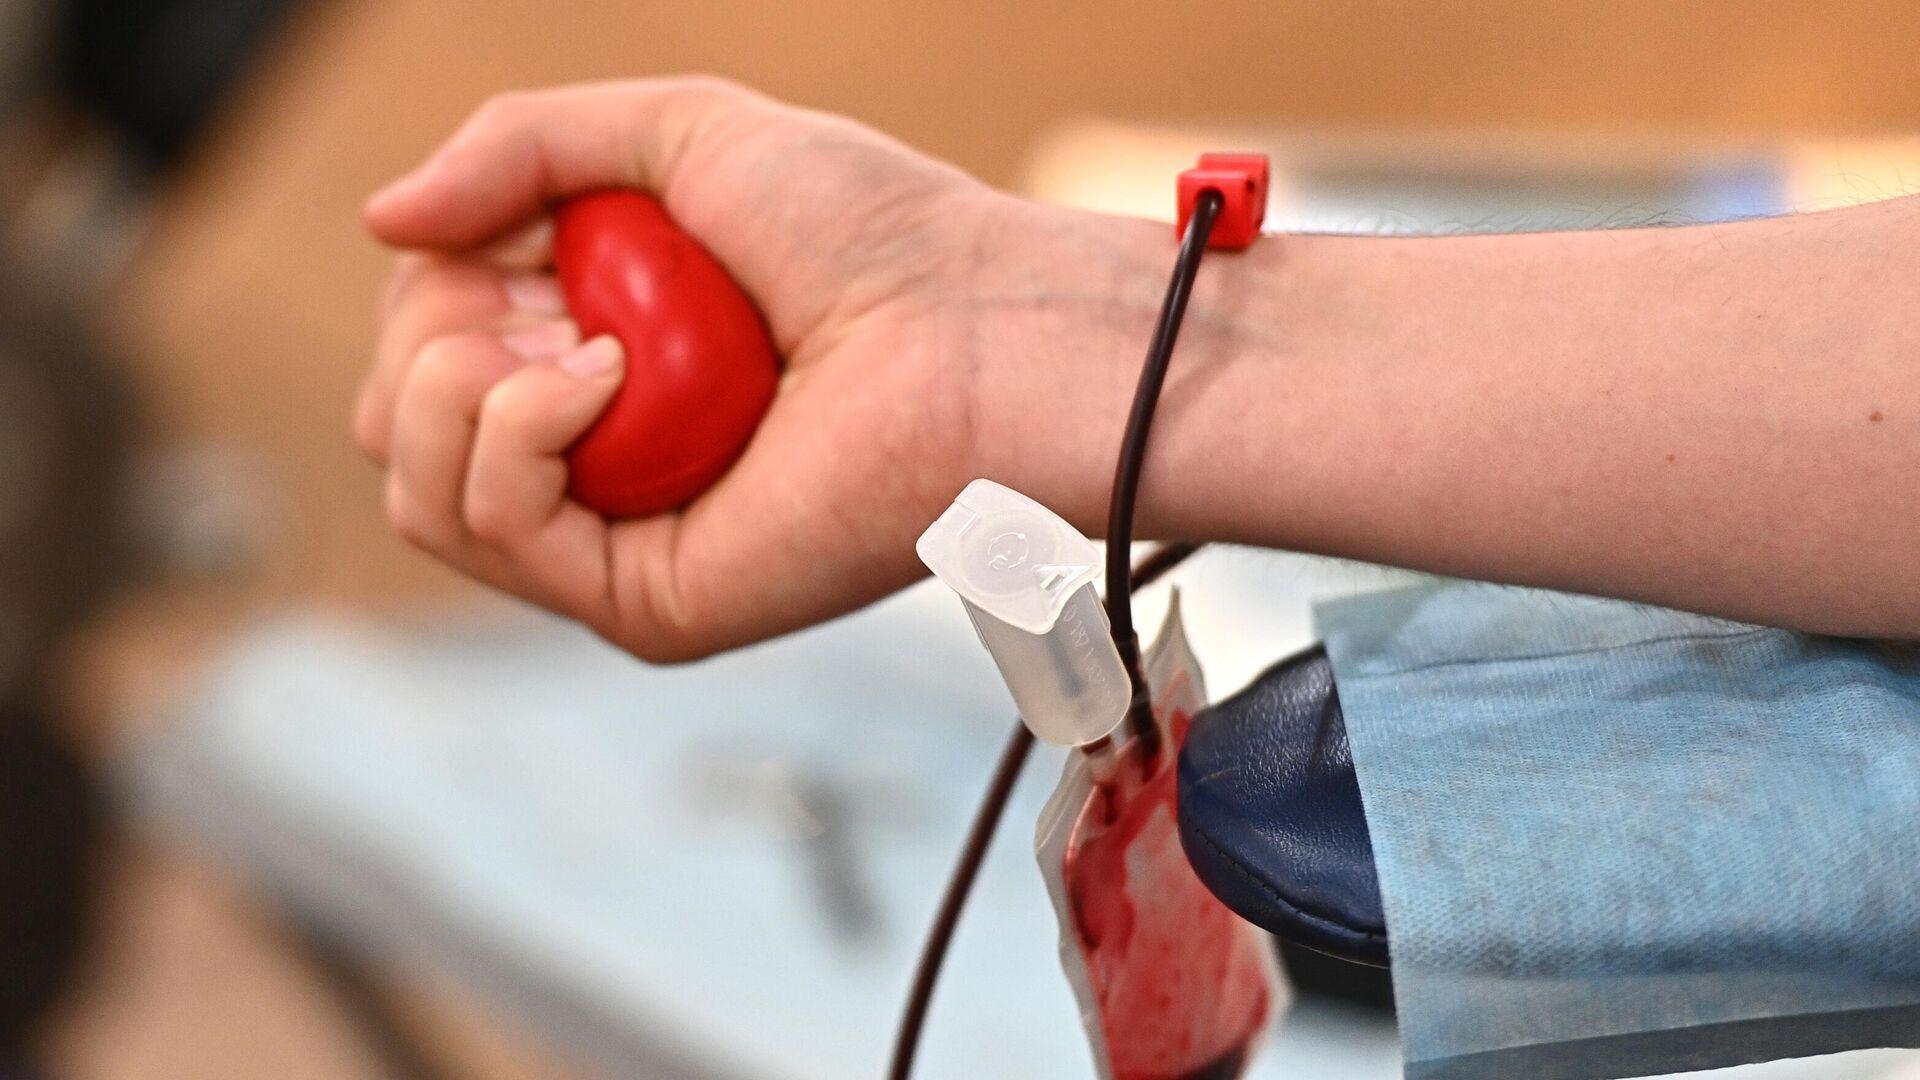 Премия СоУчастие – банк идей для развития донорства крови - РИА Новости, 1920, 20.04.2021